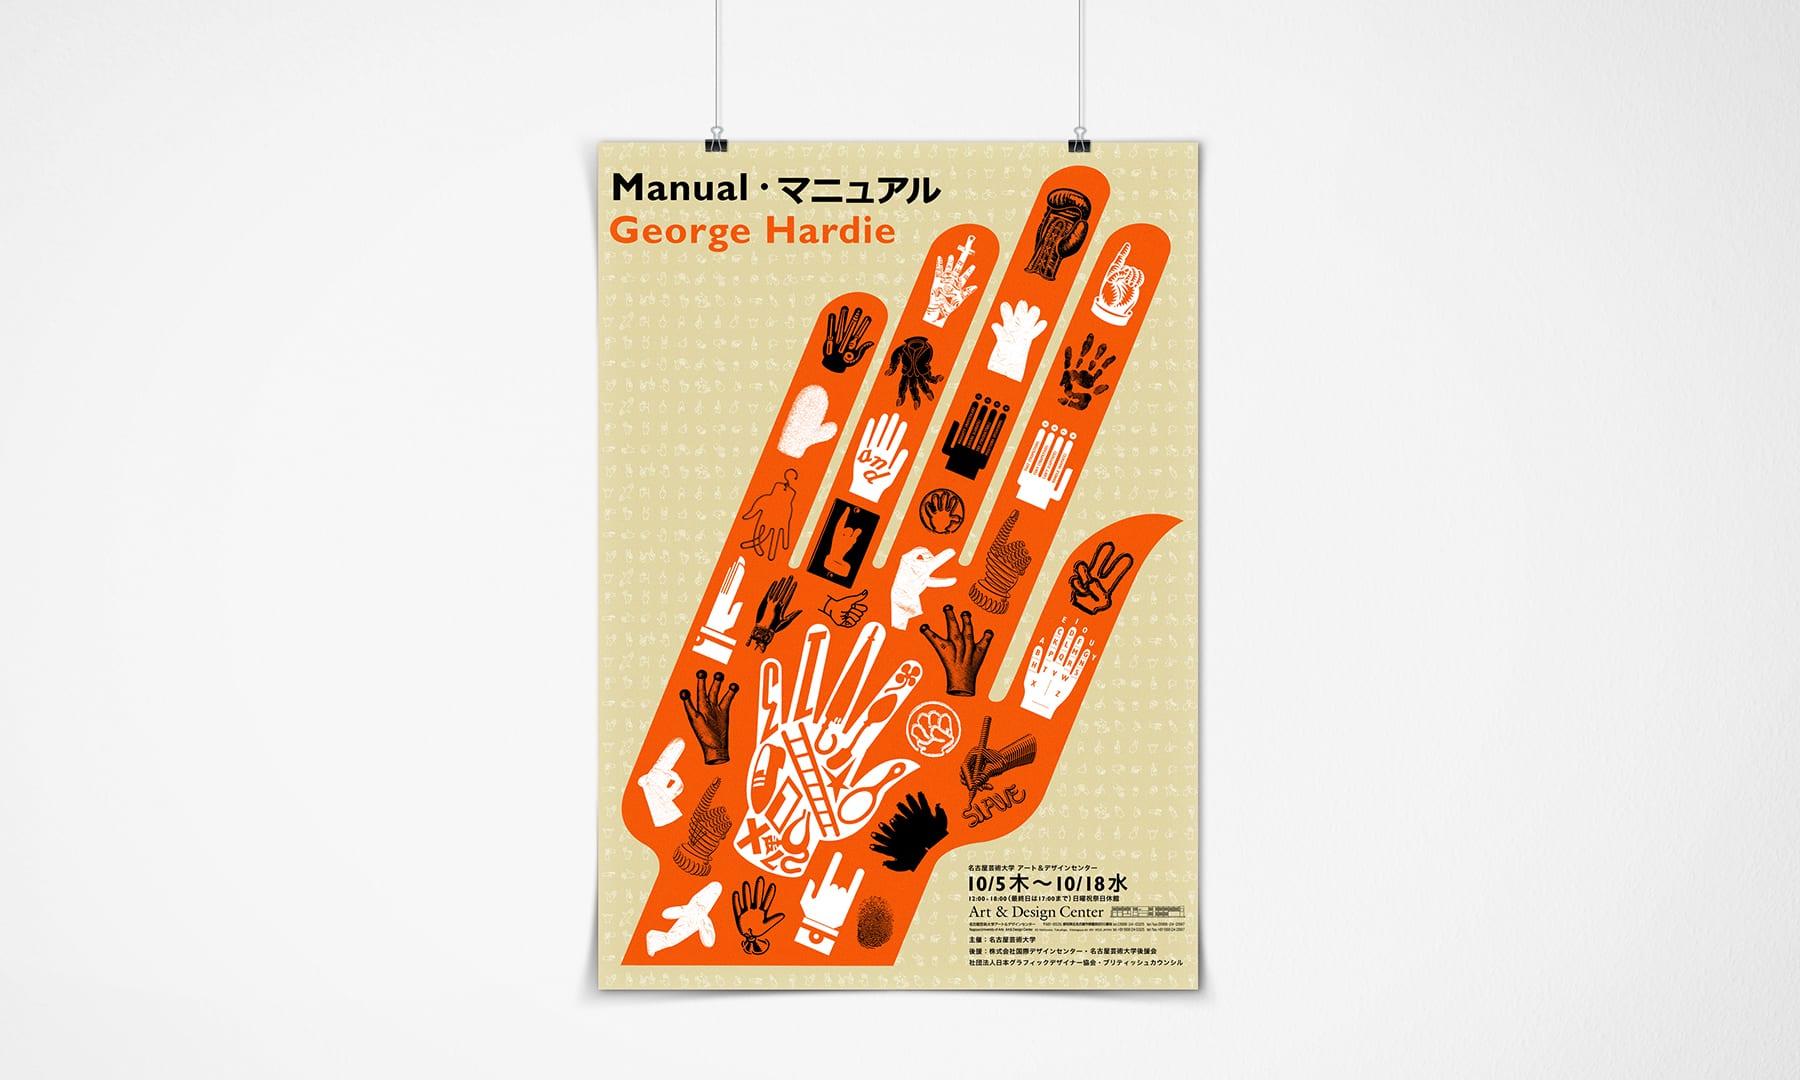 Manual Poster - full